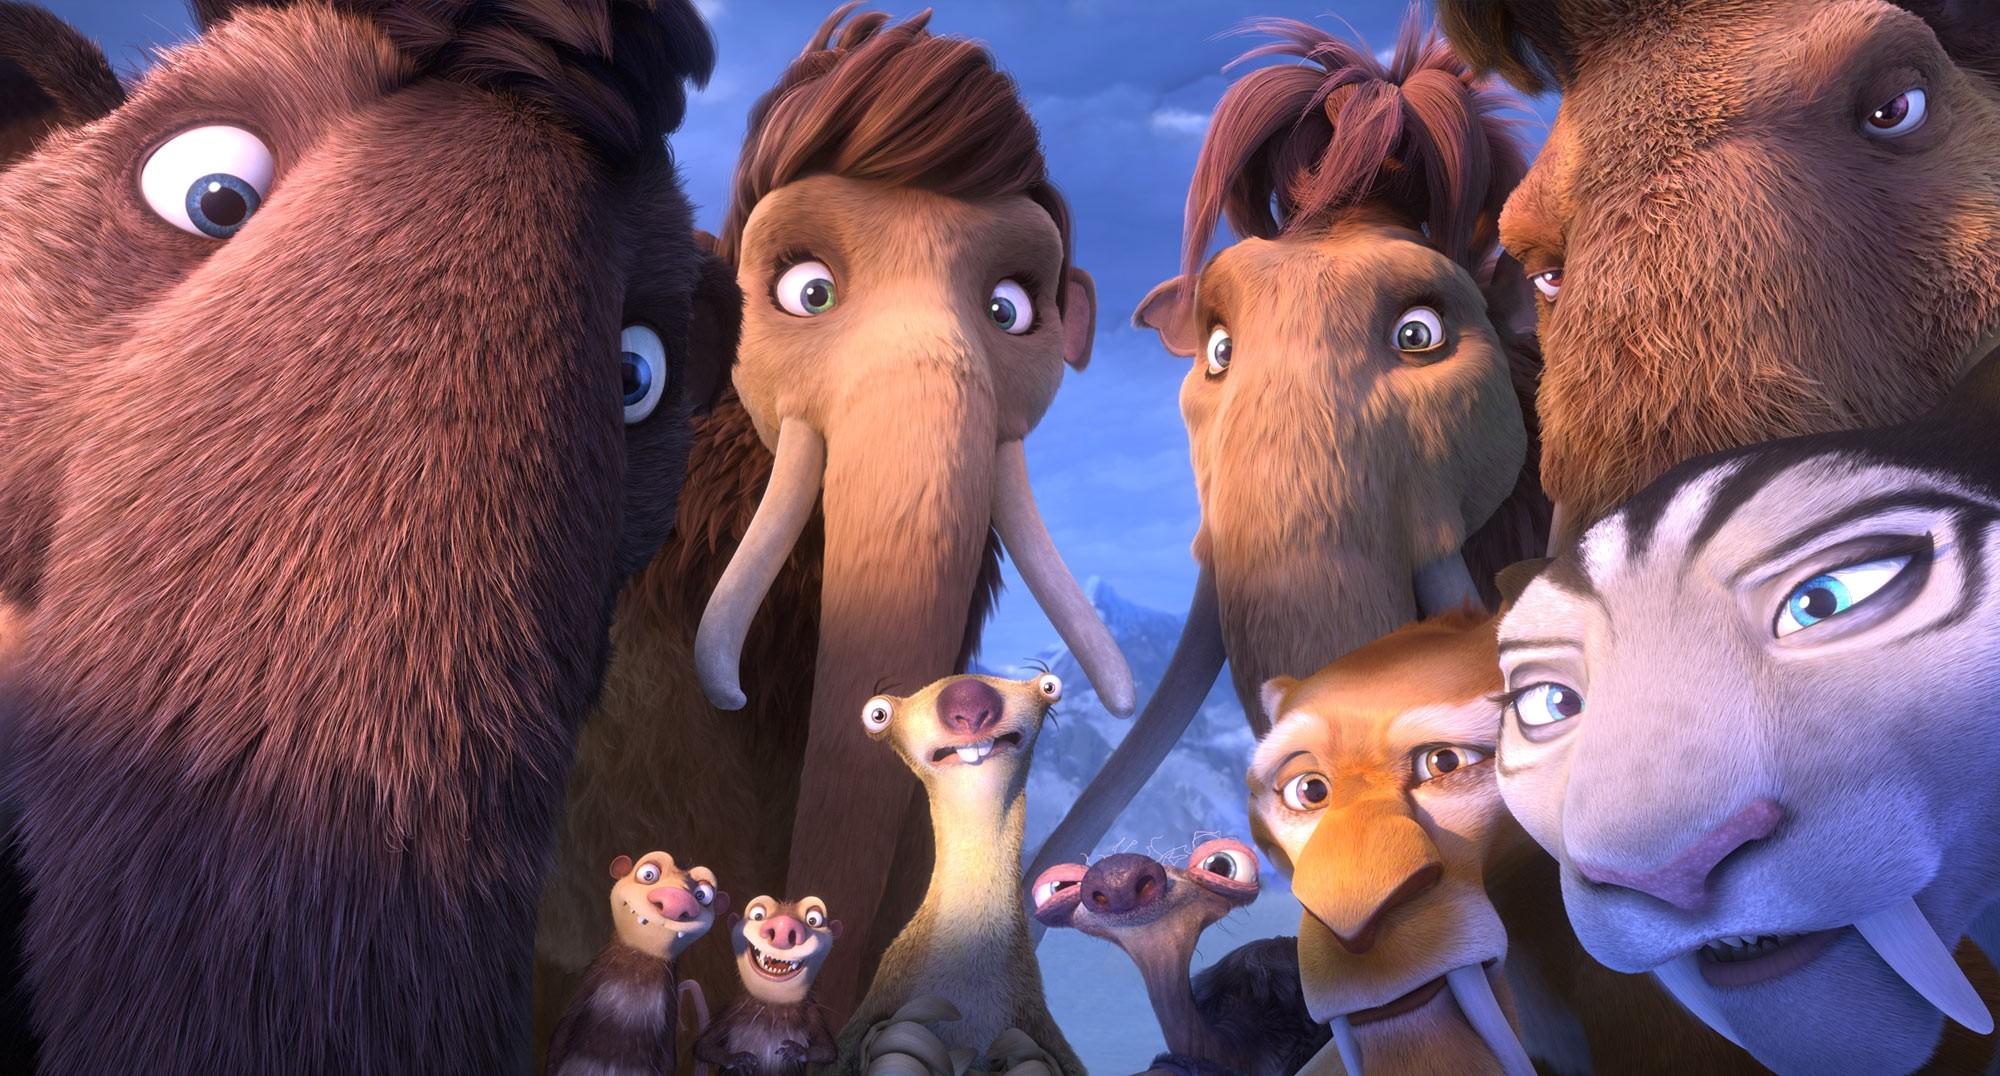 Os mamutes Julian, Amora, Ellie e Manny. Os irmãos gambás Crash e Eddie. As preguiças Sid e sua avó. Os tigres dente-de-sabre Diego e Shira (Foto: Fox)